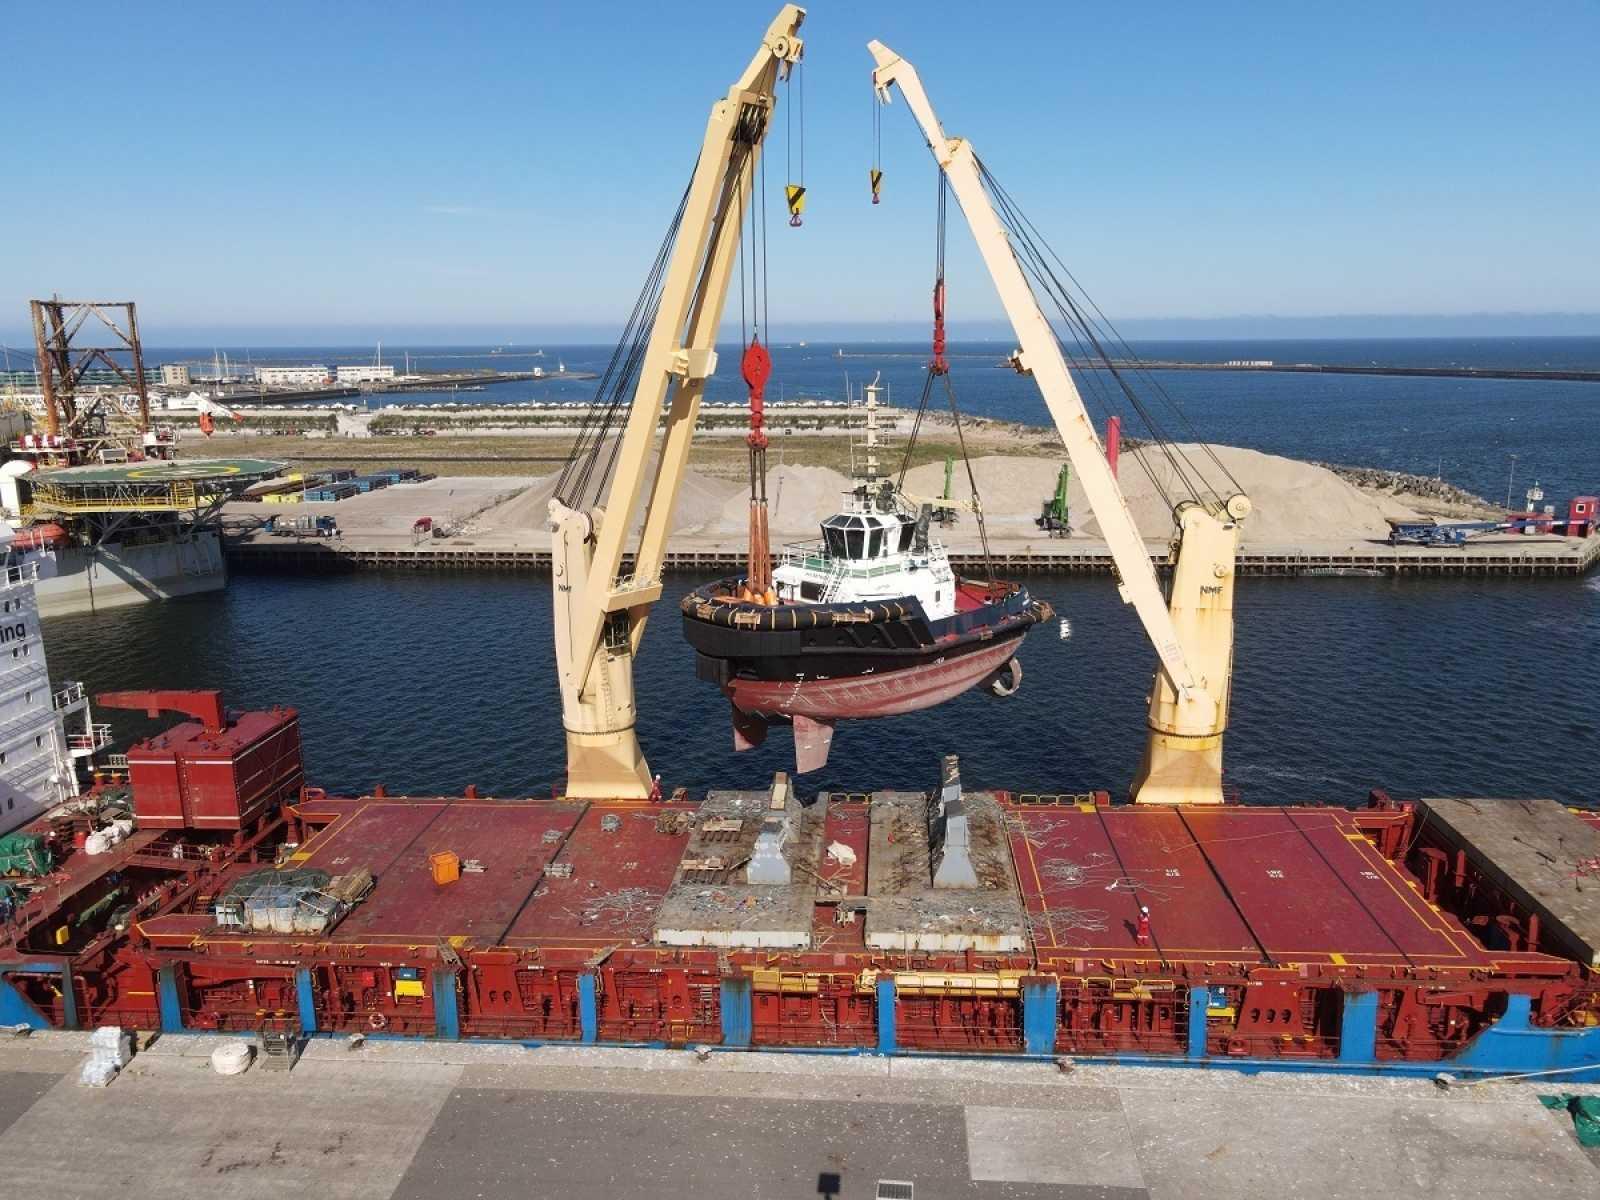 Damen delivery Damen delivers ASD Tug 2312 to Iskes in I Jmuiden 3 LR